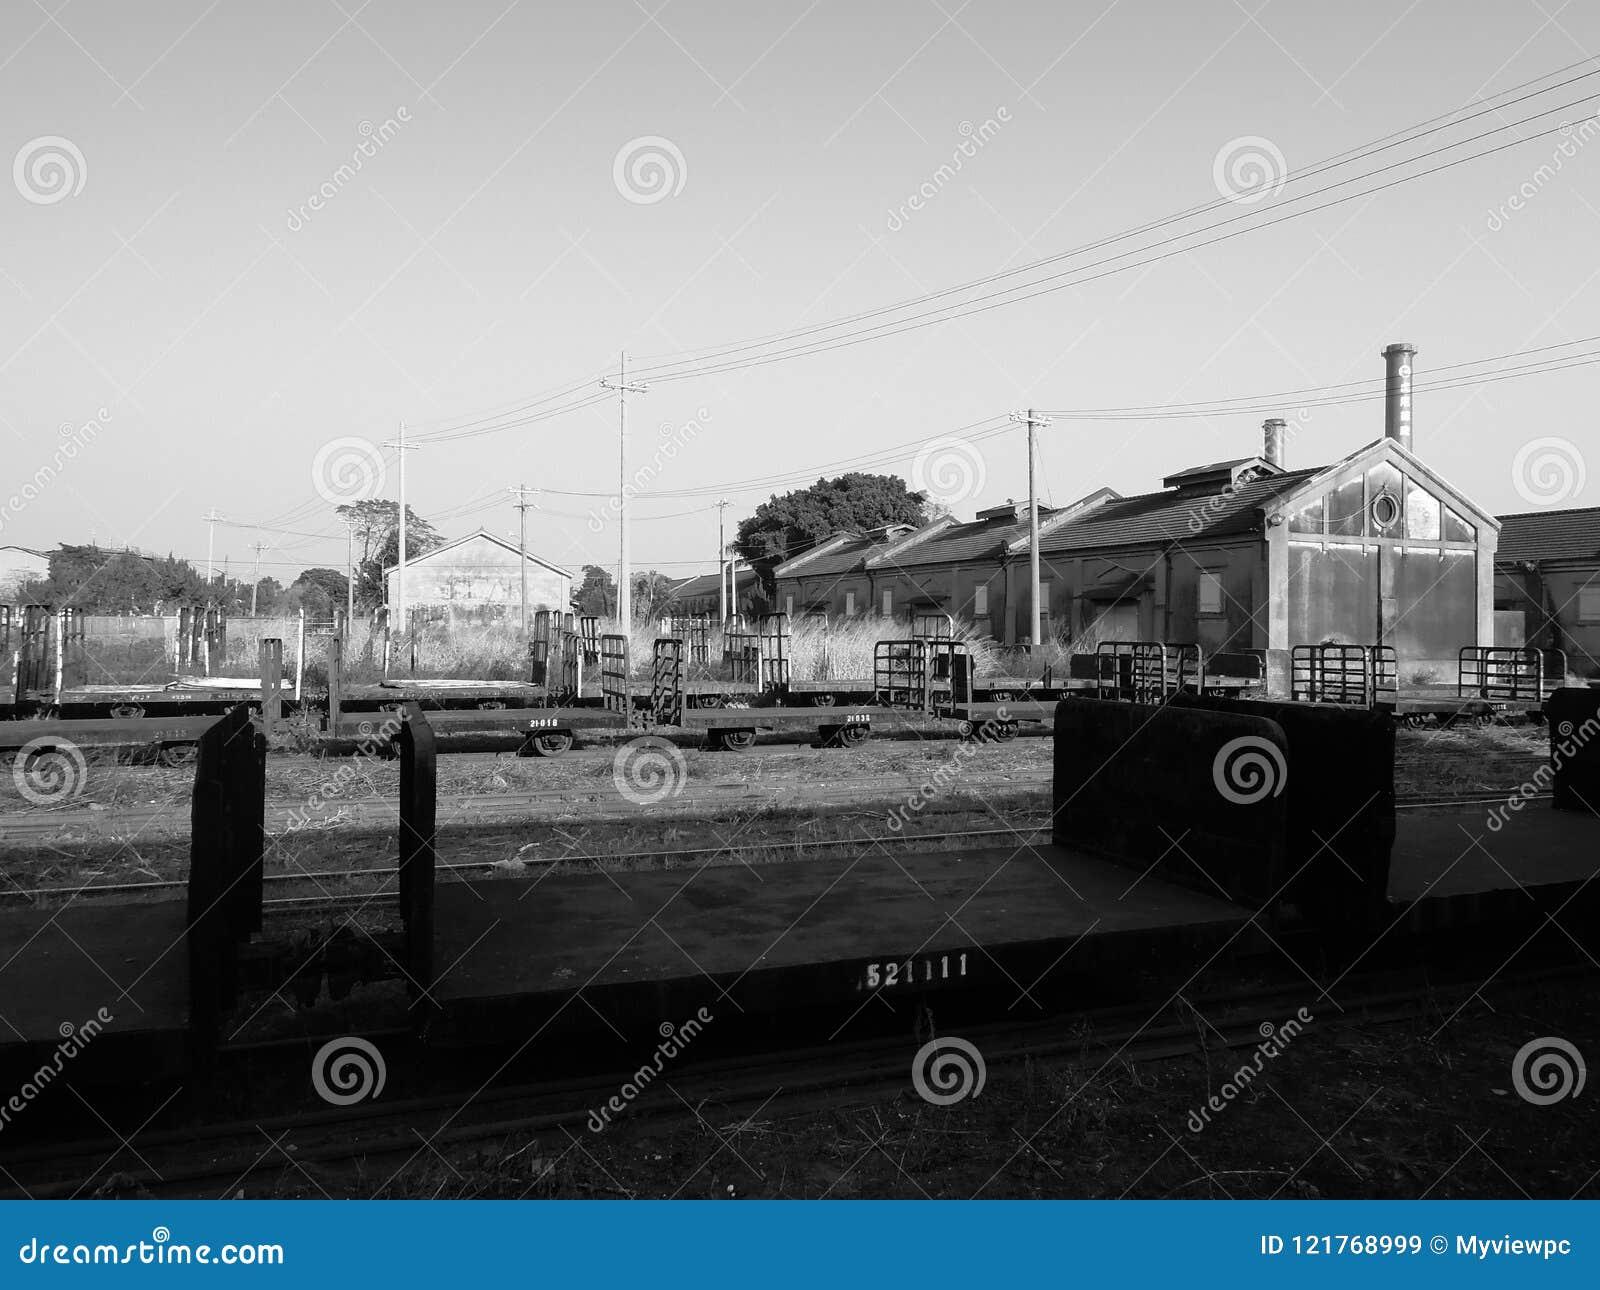 Ferrocarril, carro del tren y almacén por otra parte